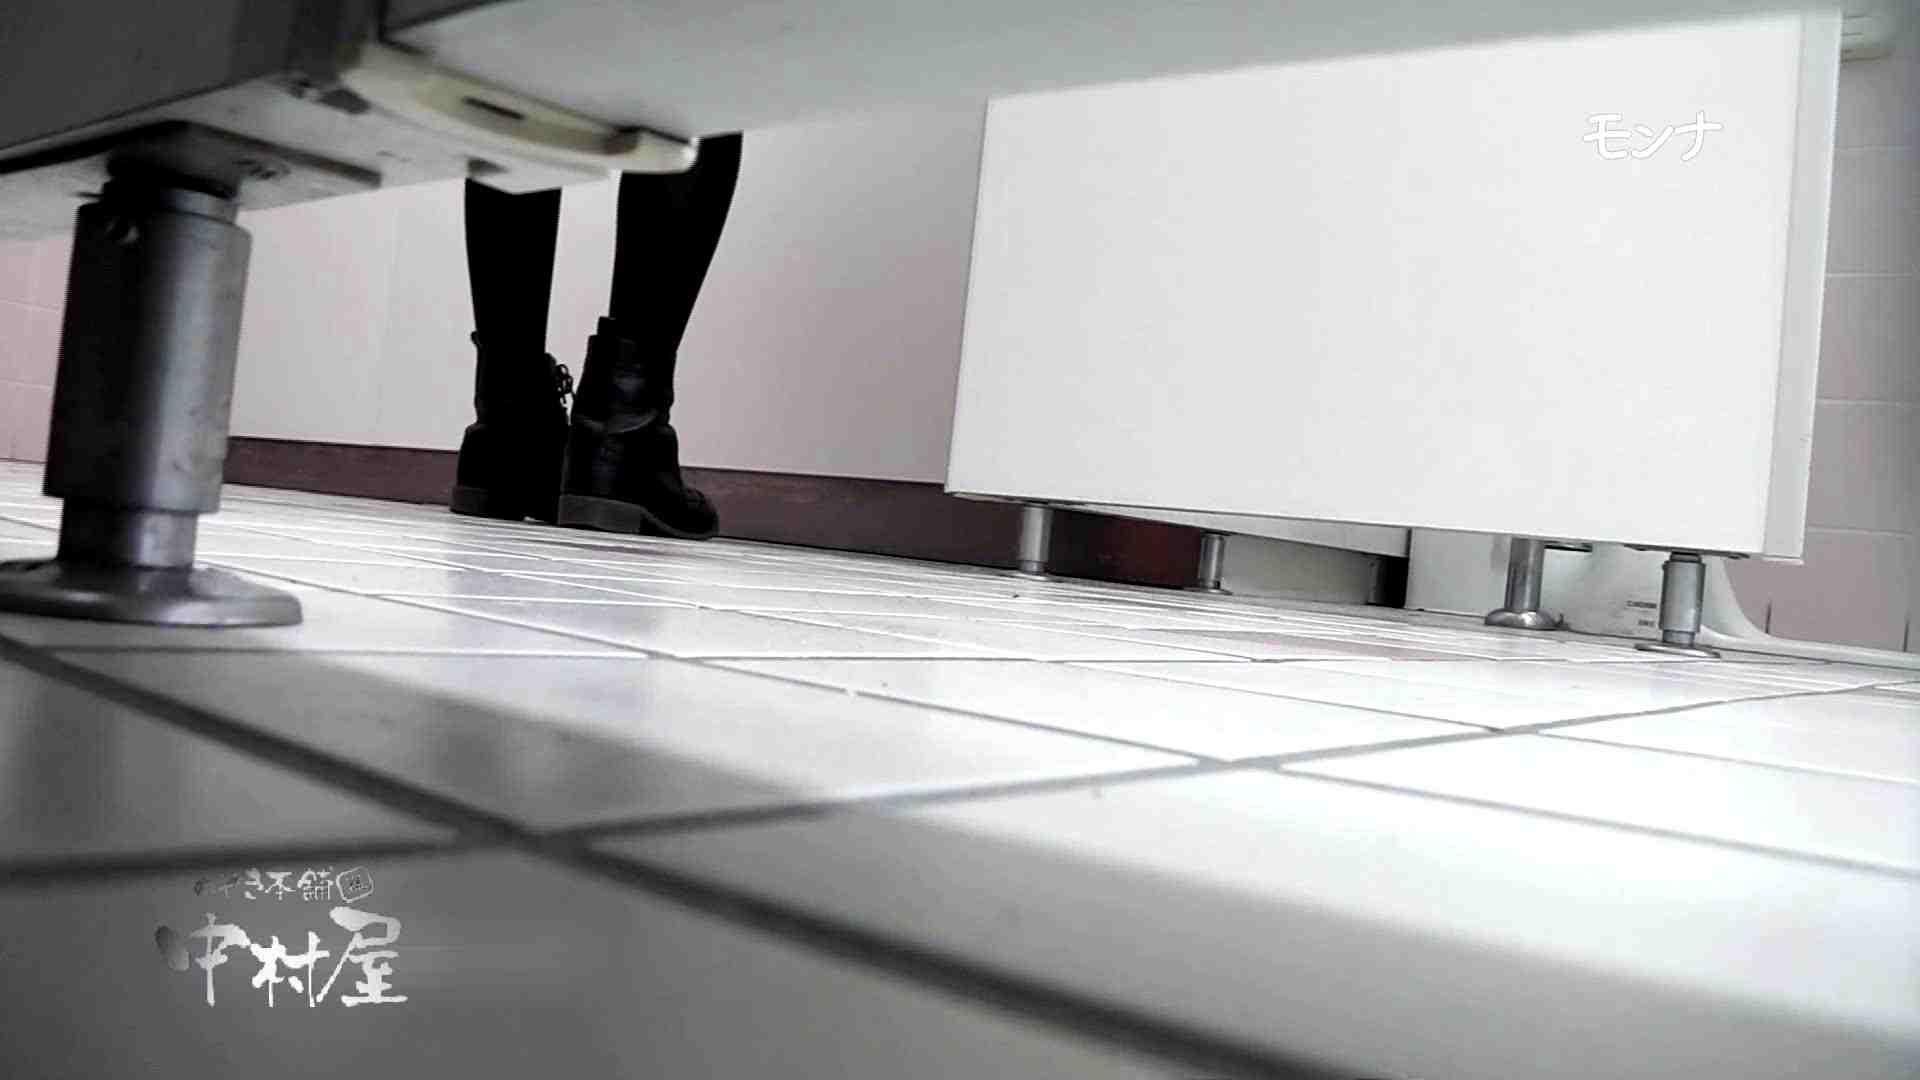 【美しい日本の未来】新学期!!下半身中心に攻めてます美女可愛い女子悪戯盗satuトイレ後編 悪戯 | 下半身  97pic 50